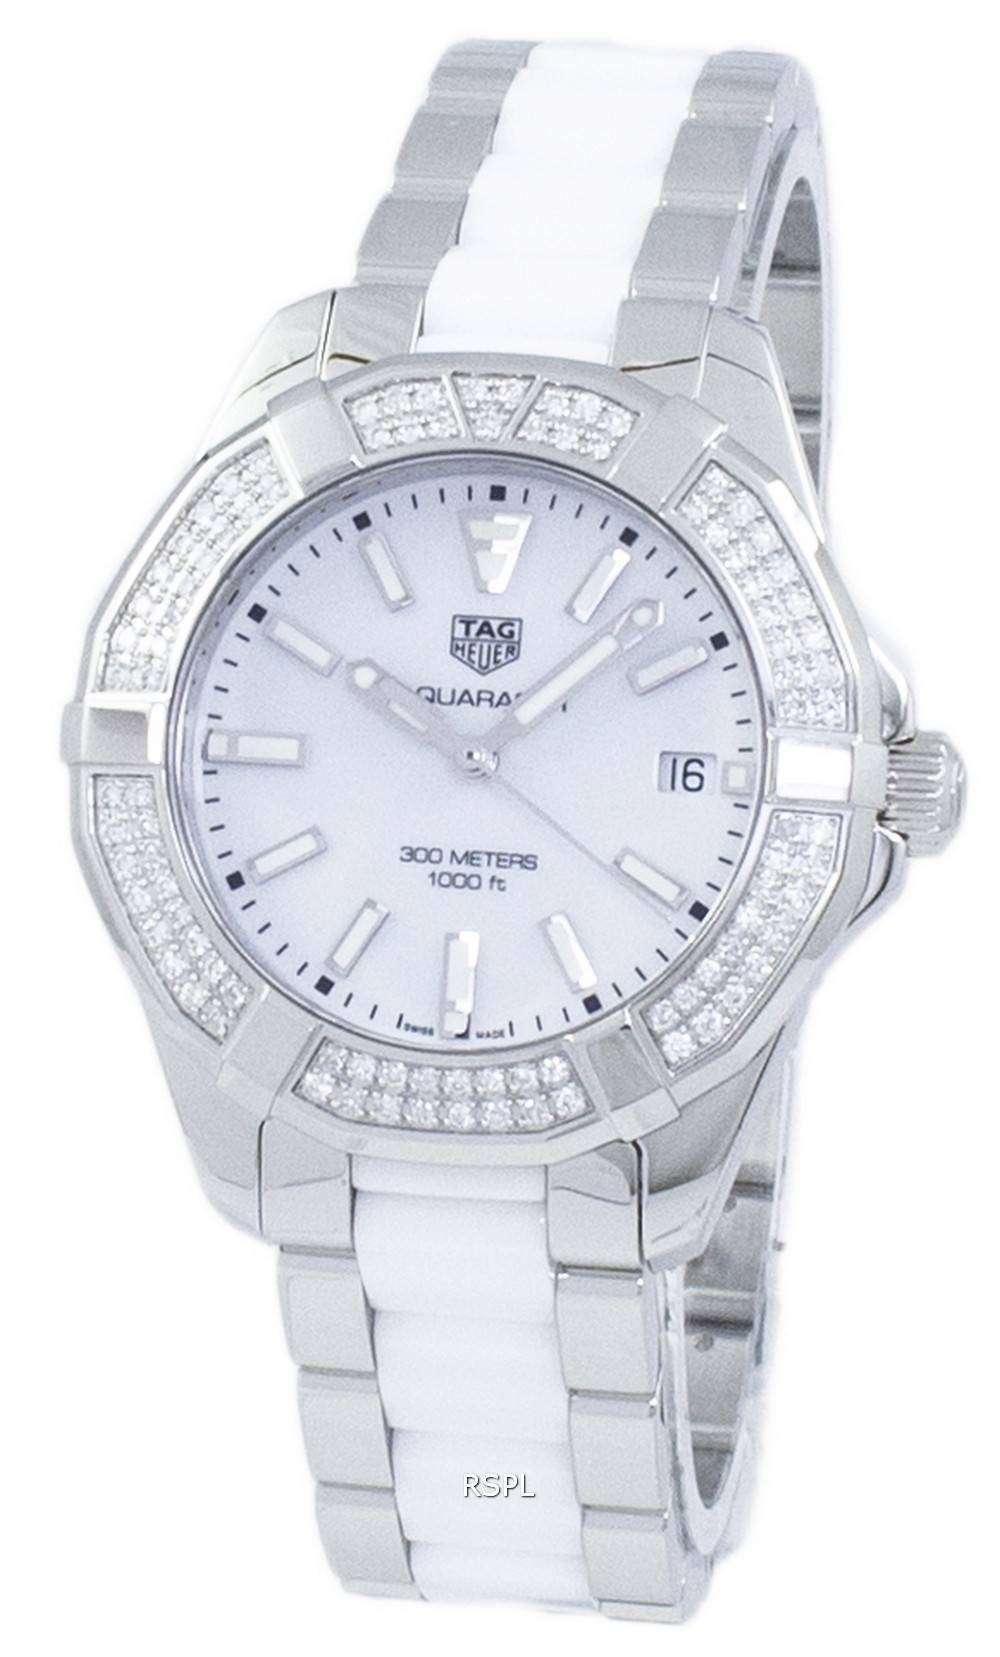 タグ ・ ホイヤー アクア レーサー クォーツ 300 M ダイヤモンド アクセント WAY131F。BA0914 レディース腕時計